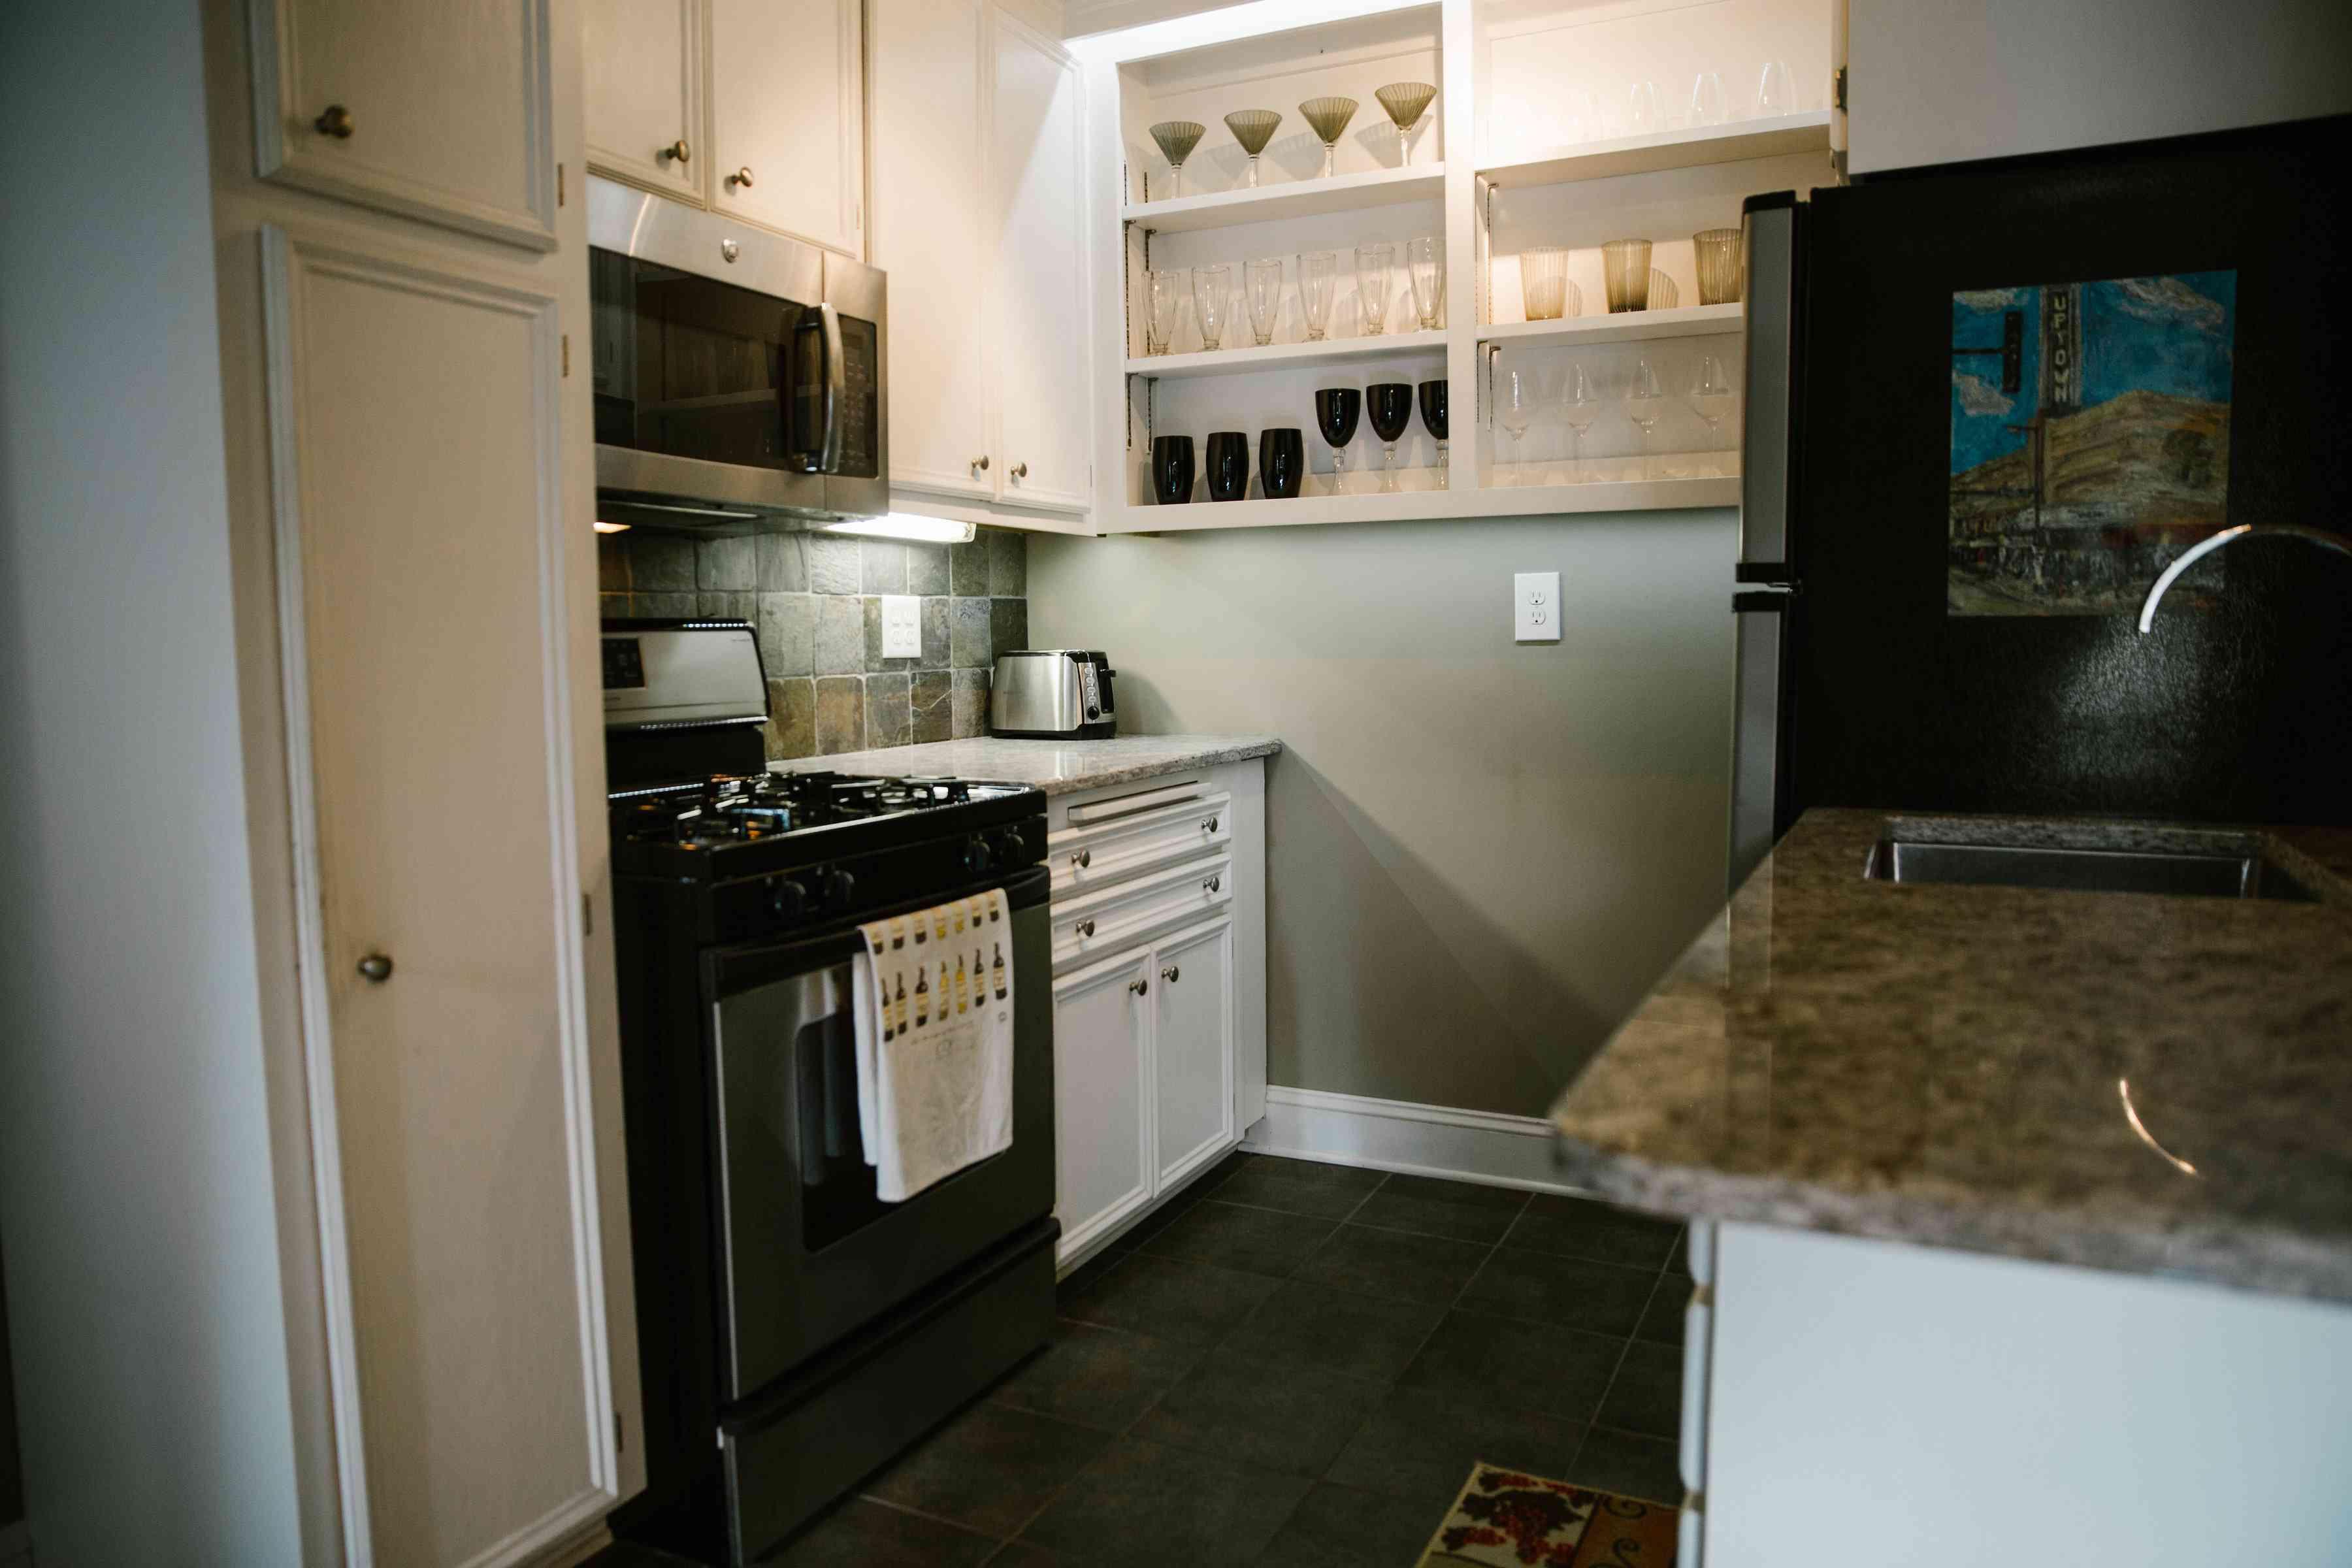 Condo Rental Kitchen